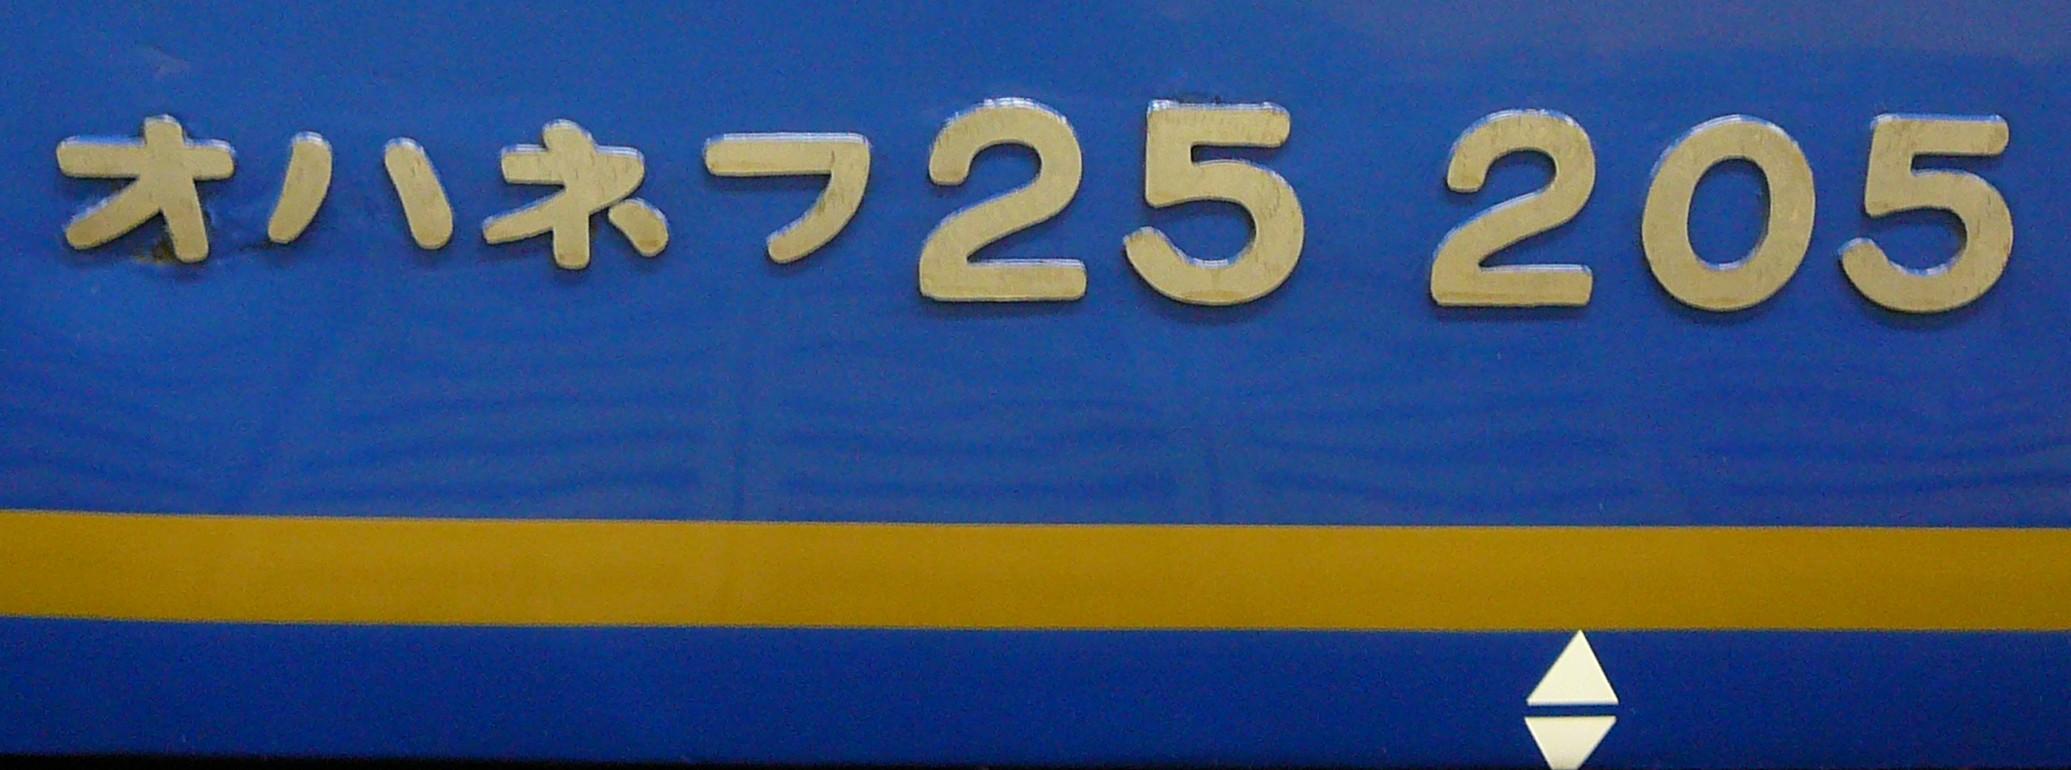 f0203926_050197.jpg